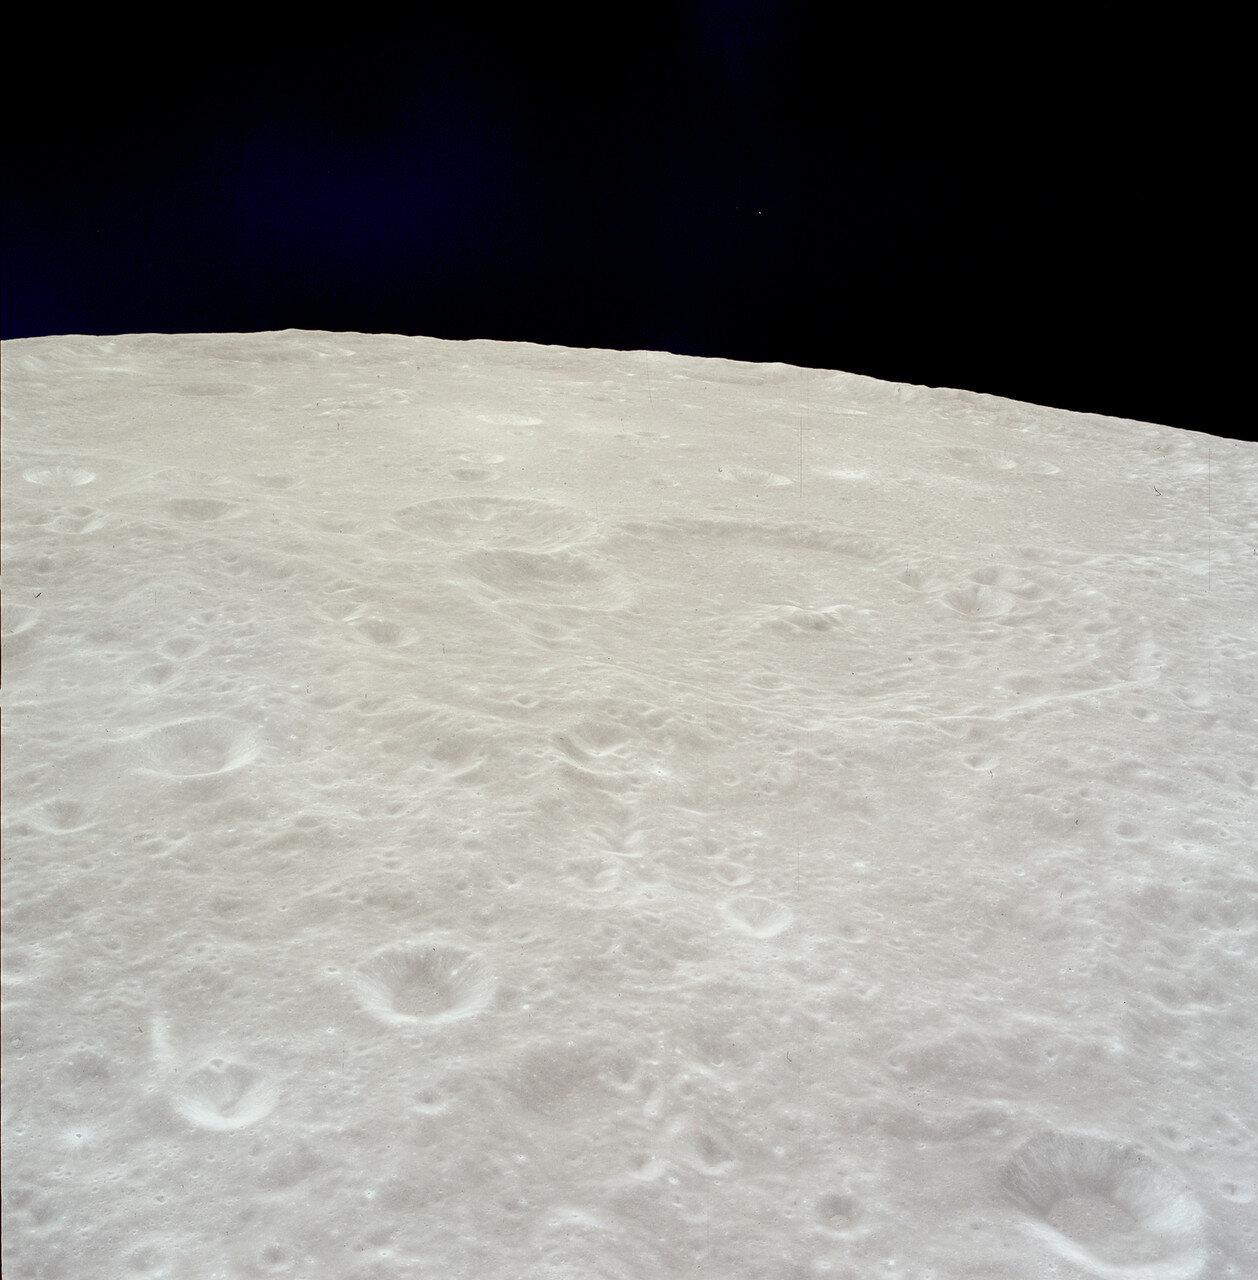 Во время второго витка экипаж провёл телетрансляцию, показав места, над которыми корабль будет пролетать перед тем, как «Орёл» начнёт снижение.